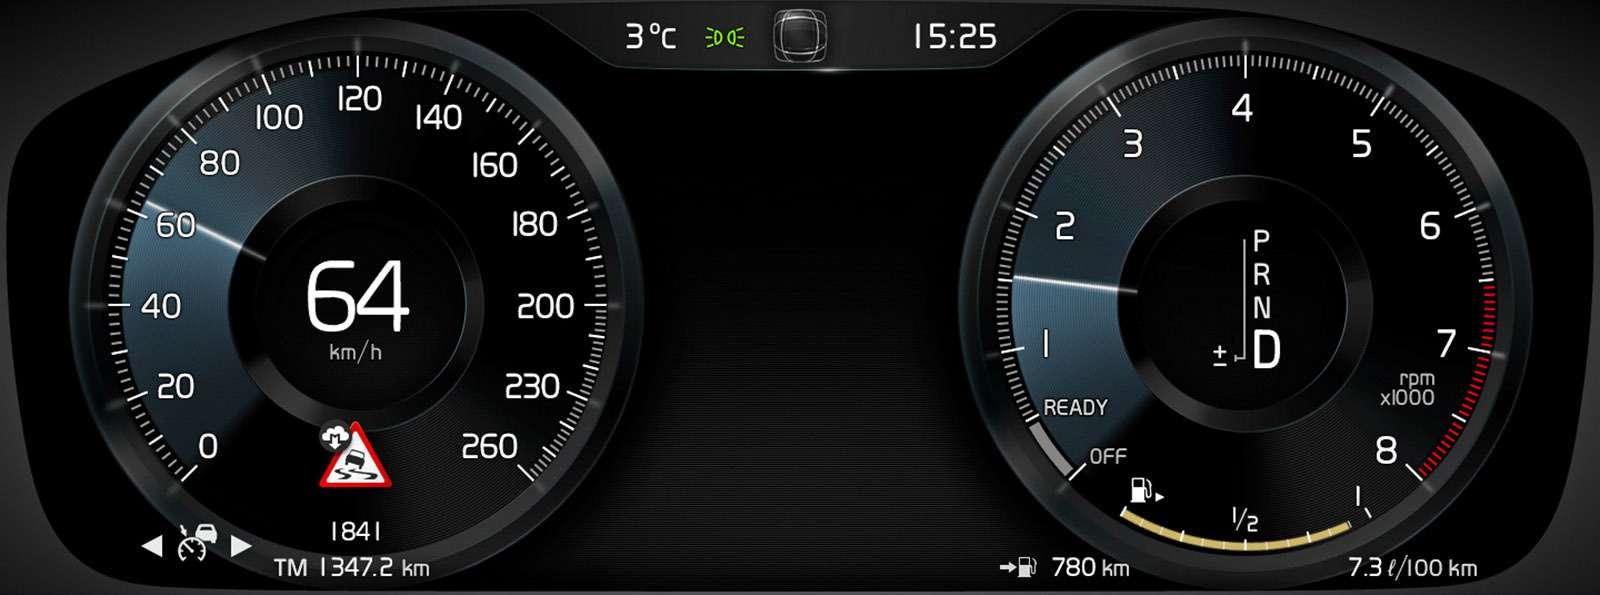 Новый Volvo V90 Cross Country: не чемодан!— фото 654912